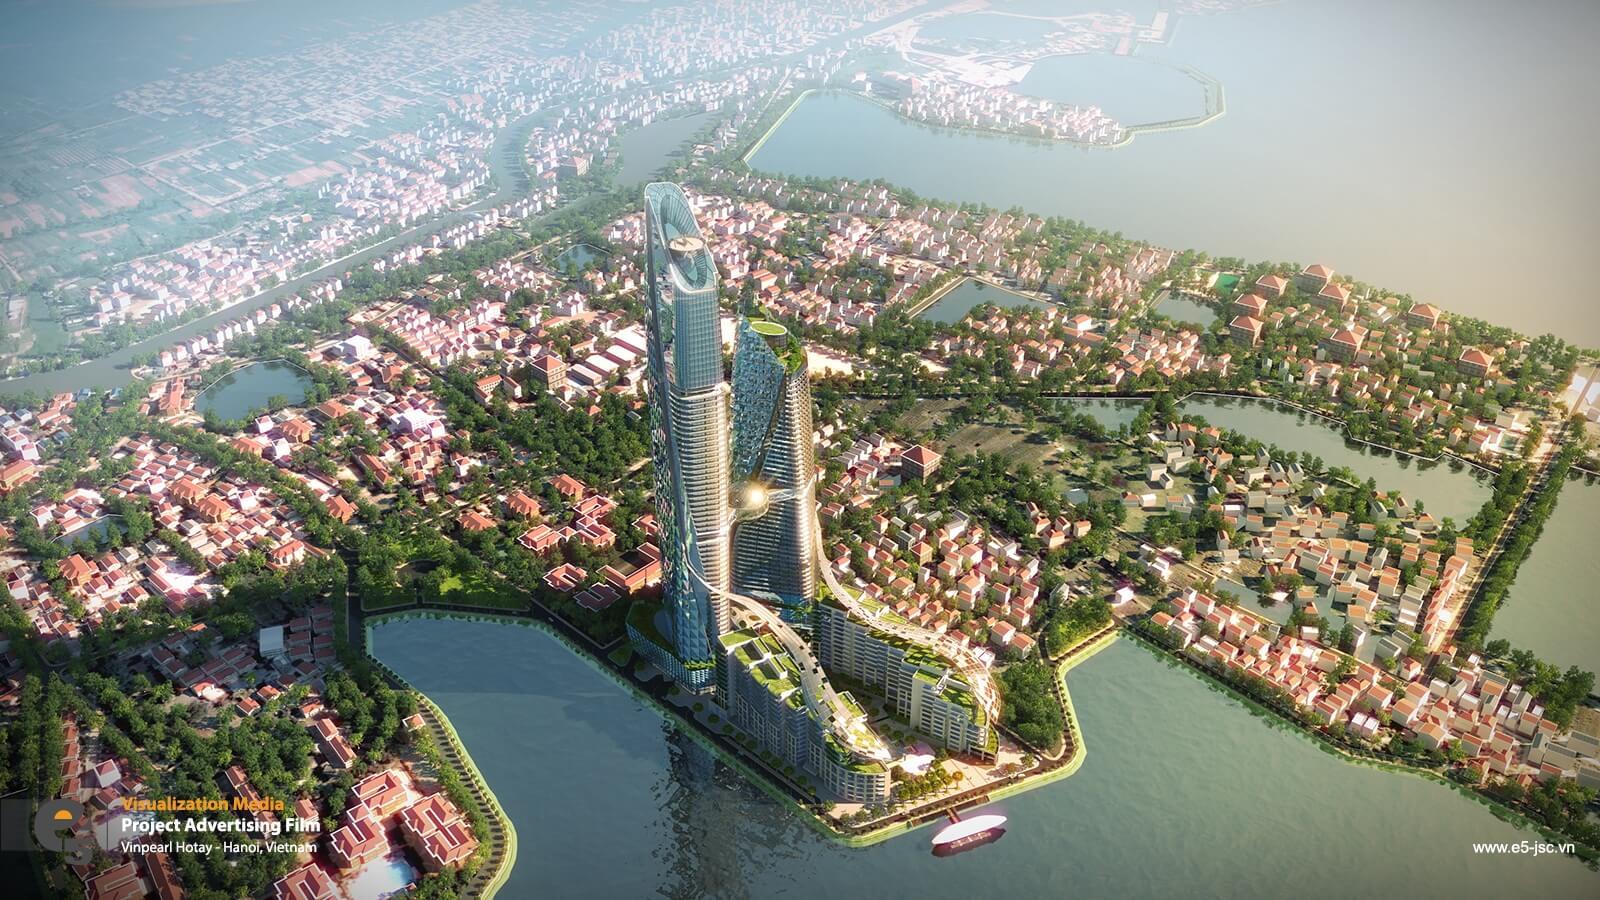 Chung cư Sun Group Quảng An Tây Hồ.